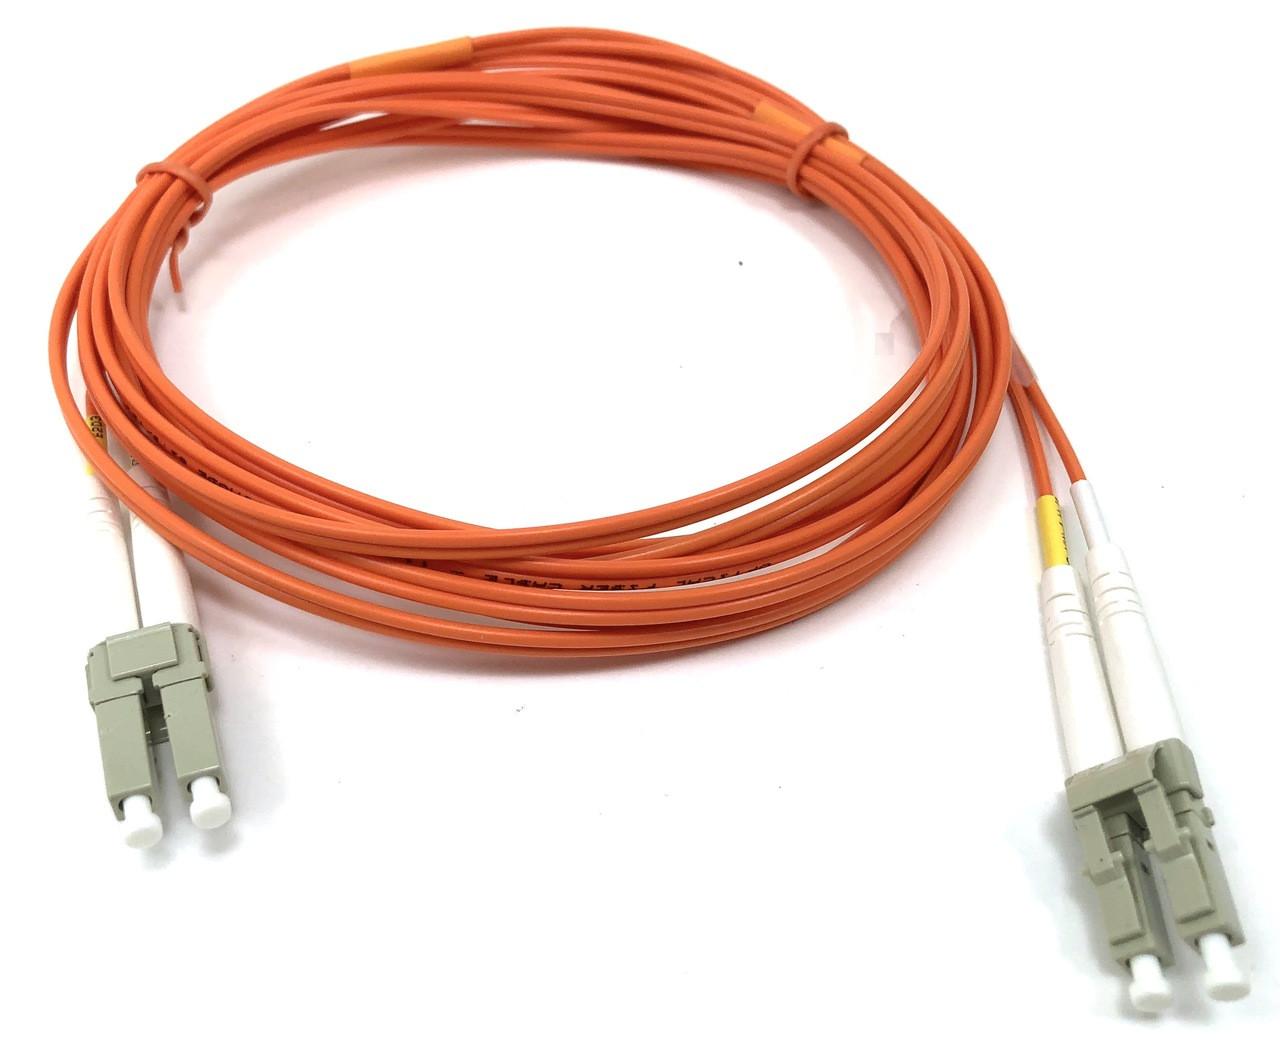 LC / LC Multimode Duplex 62.5/125 Fiber Optic Cable - 3 Meter